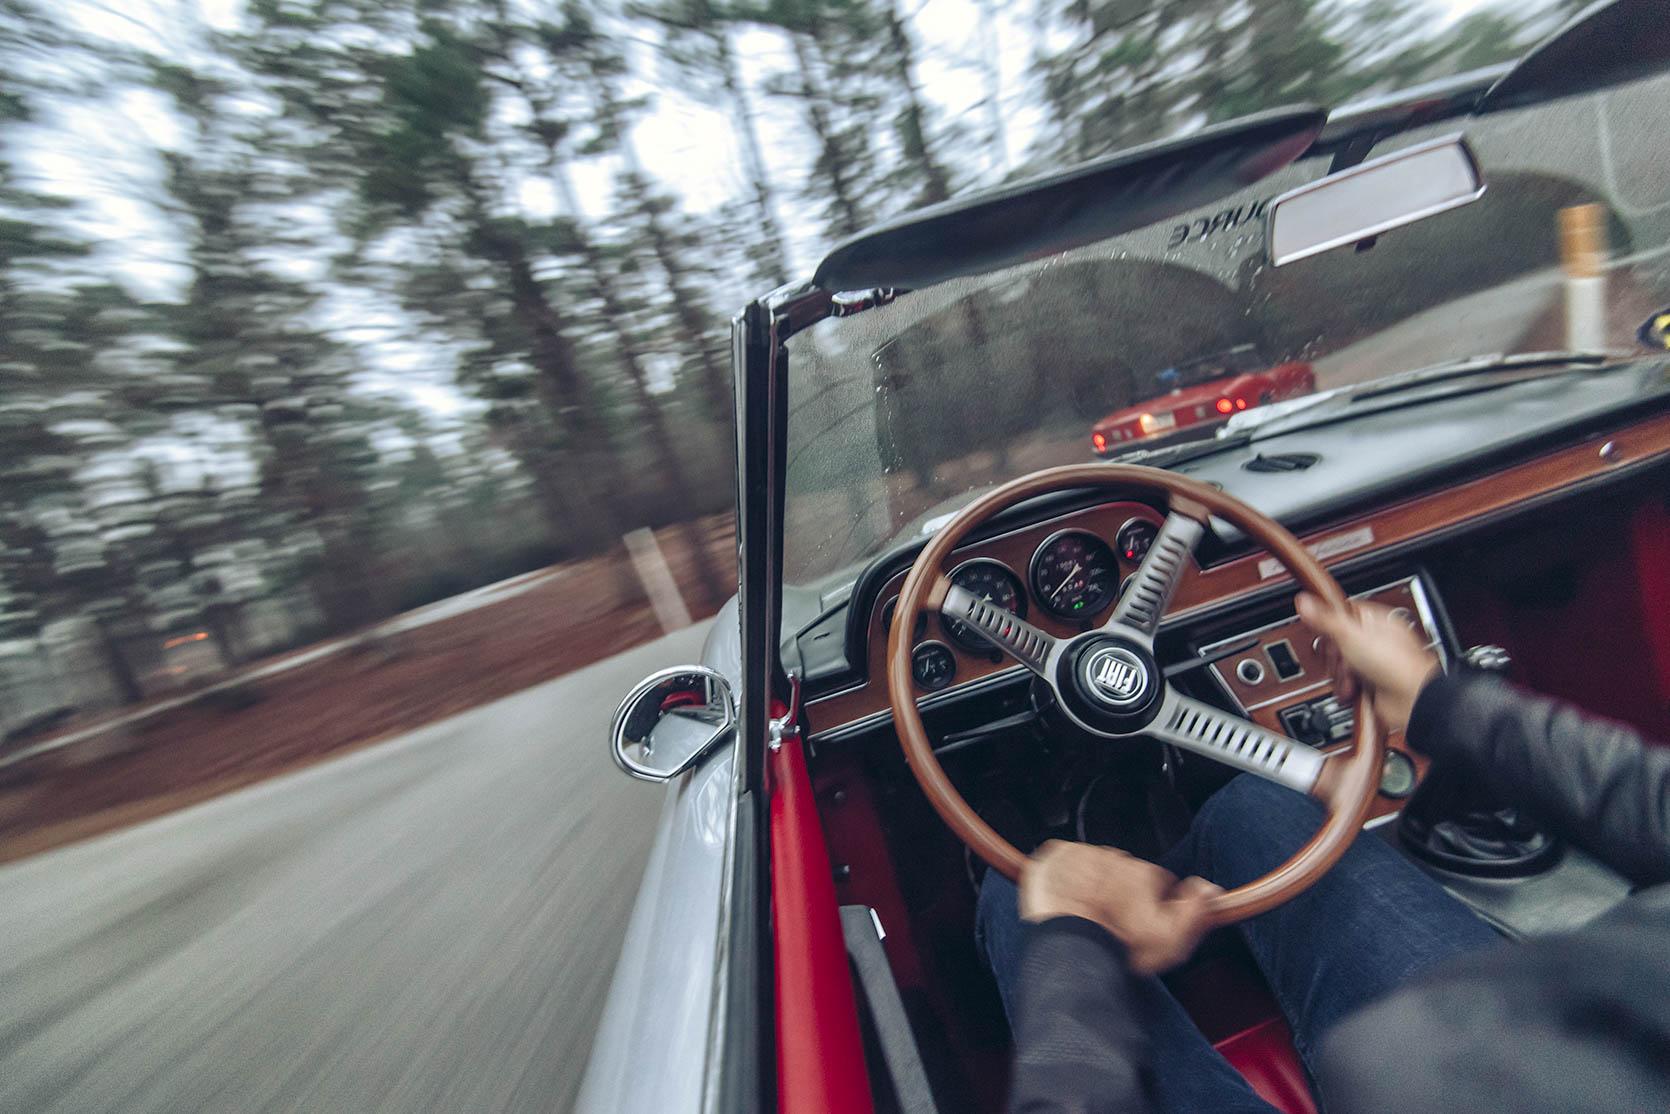 1970 Fiat Dino 2400 Spider steering wheel